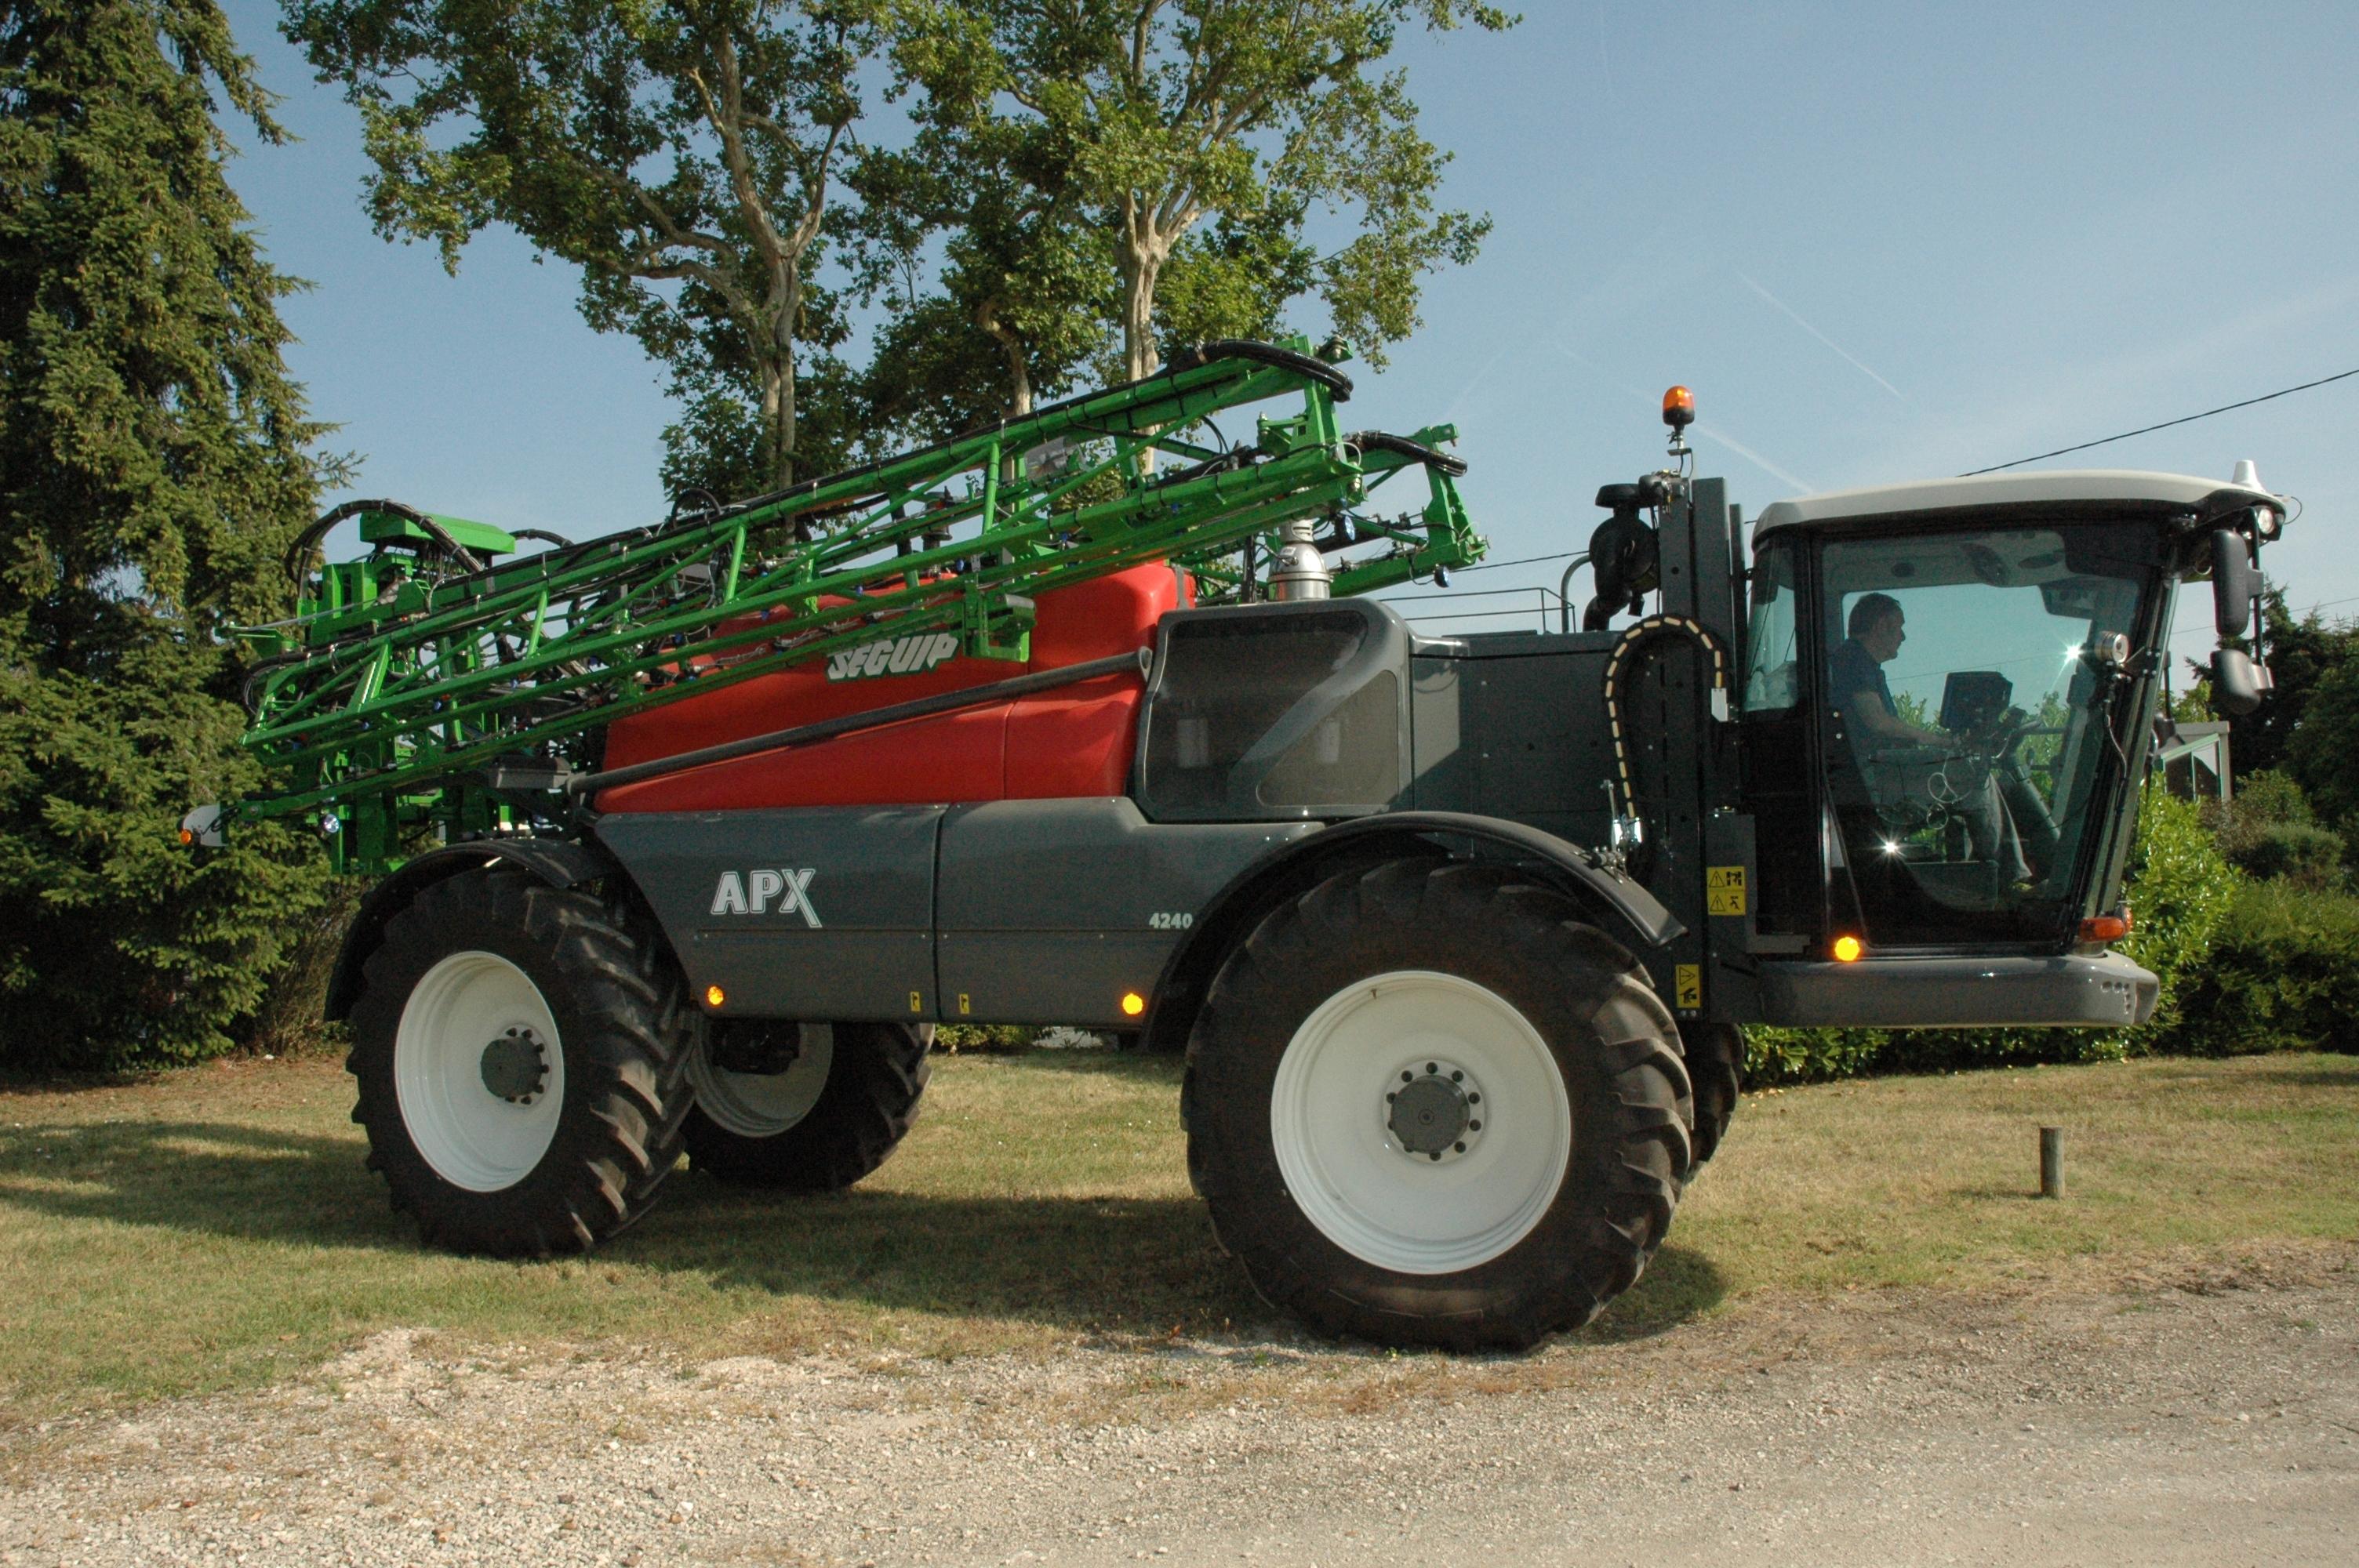 Caruelle Seguip formate son offre «agriculture et précision»